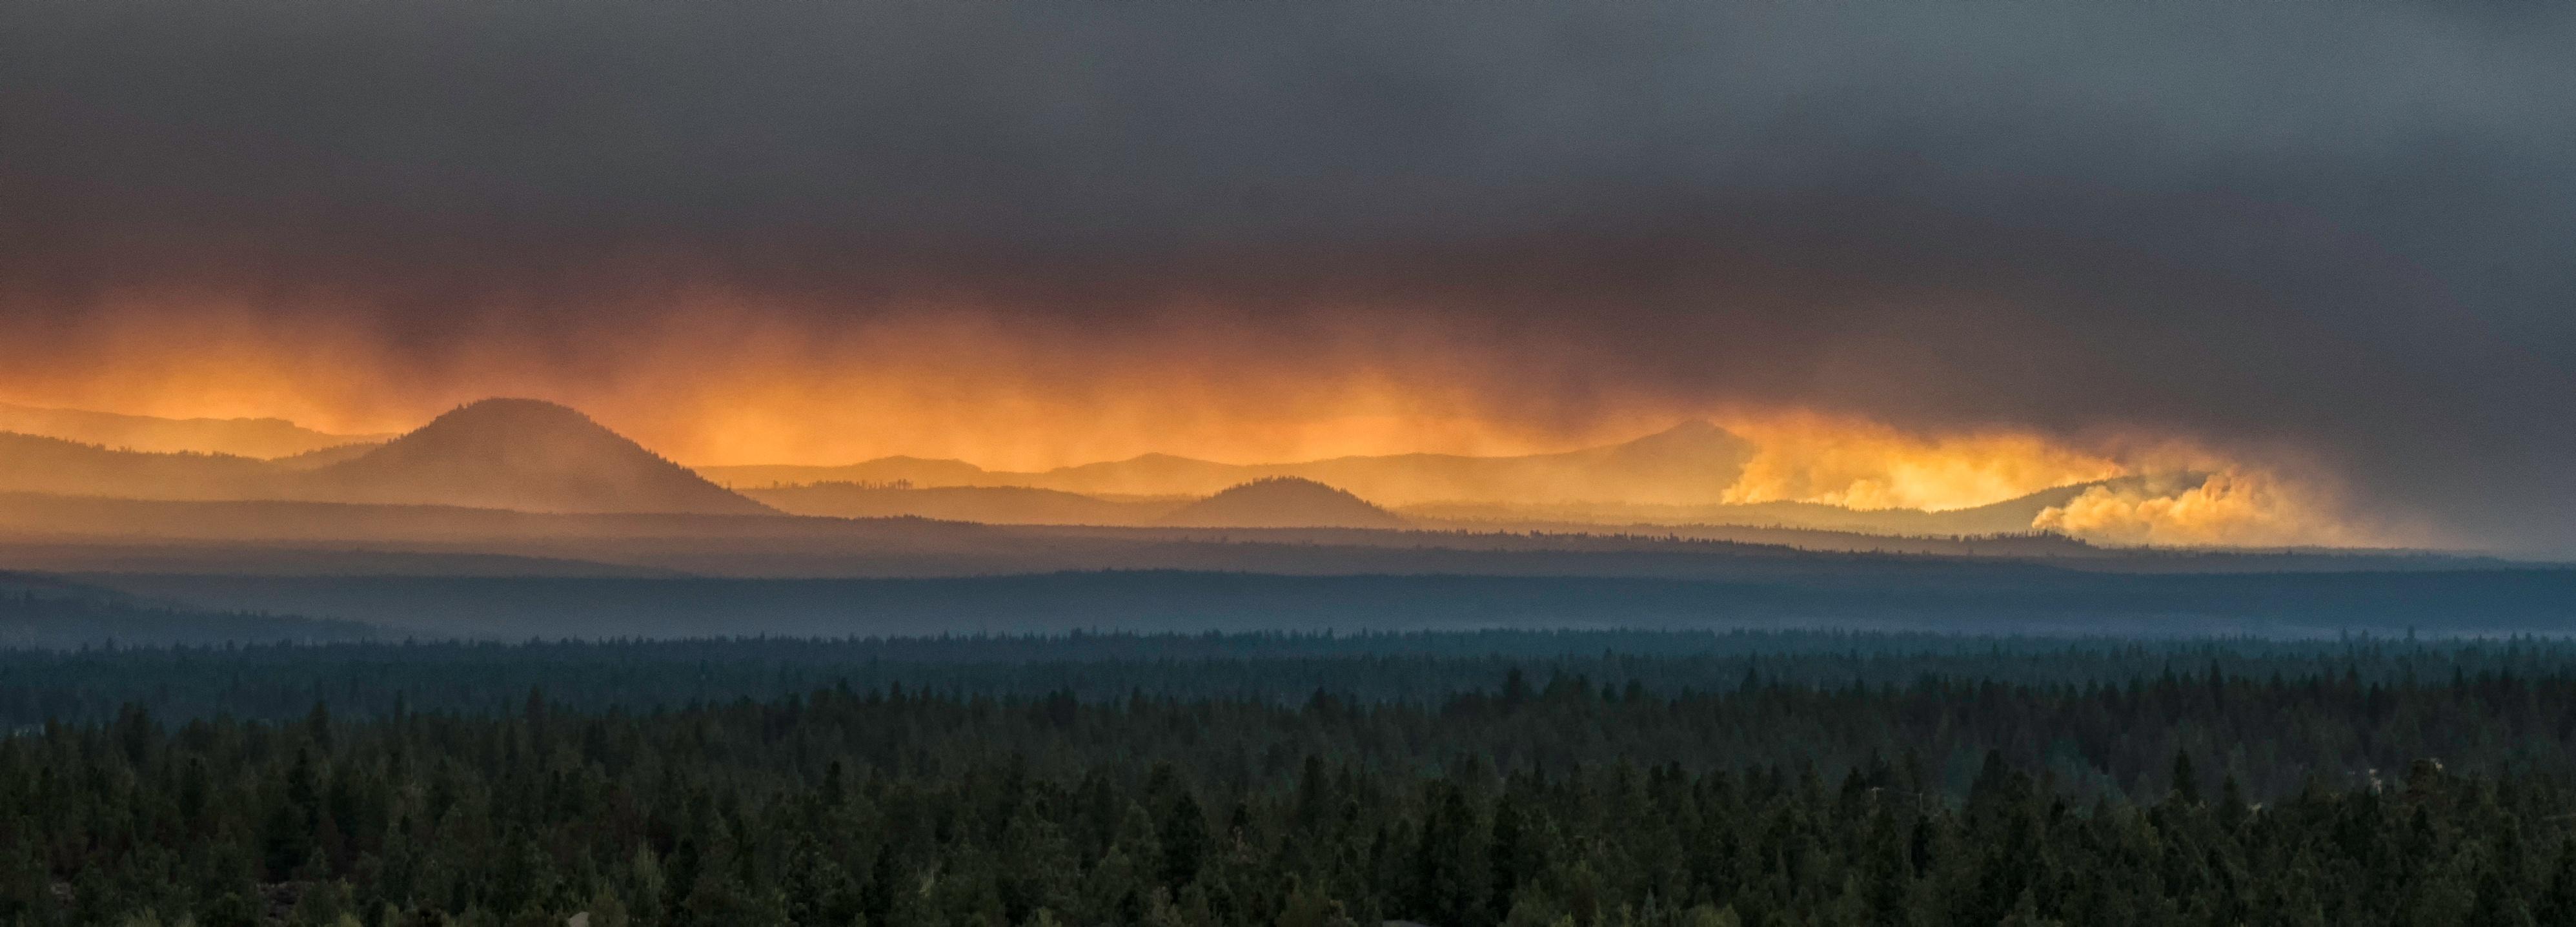 Smoke-over-Cascades-threatens-eclipse-view-835516902_3991x1436.jpeg